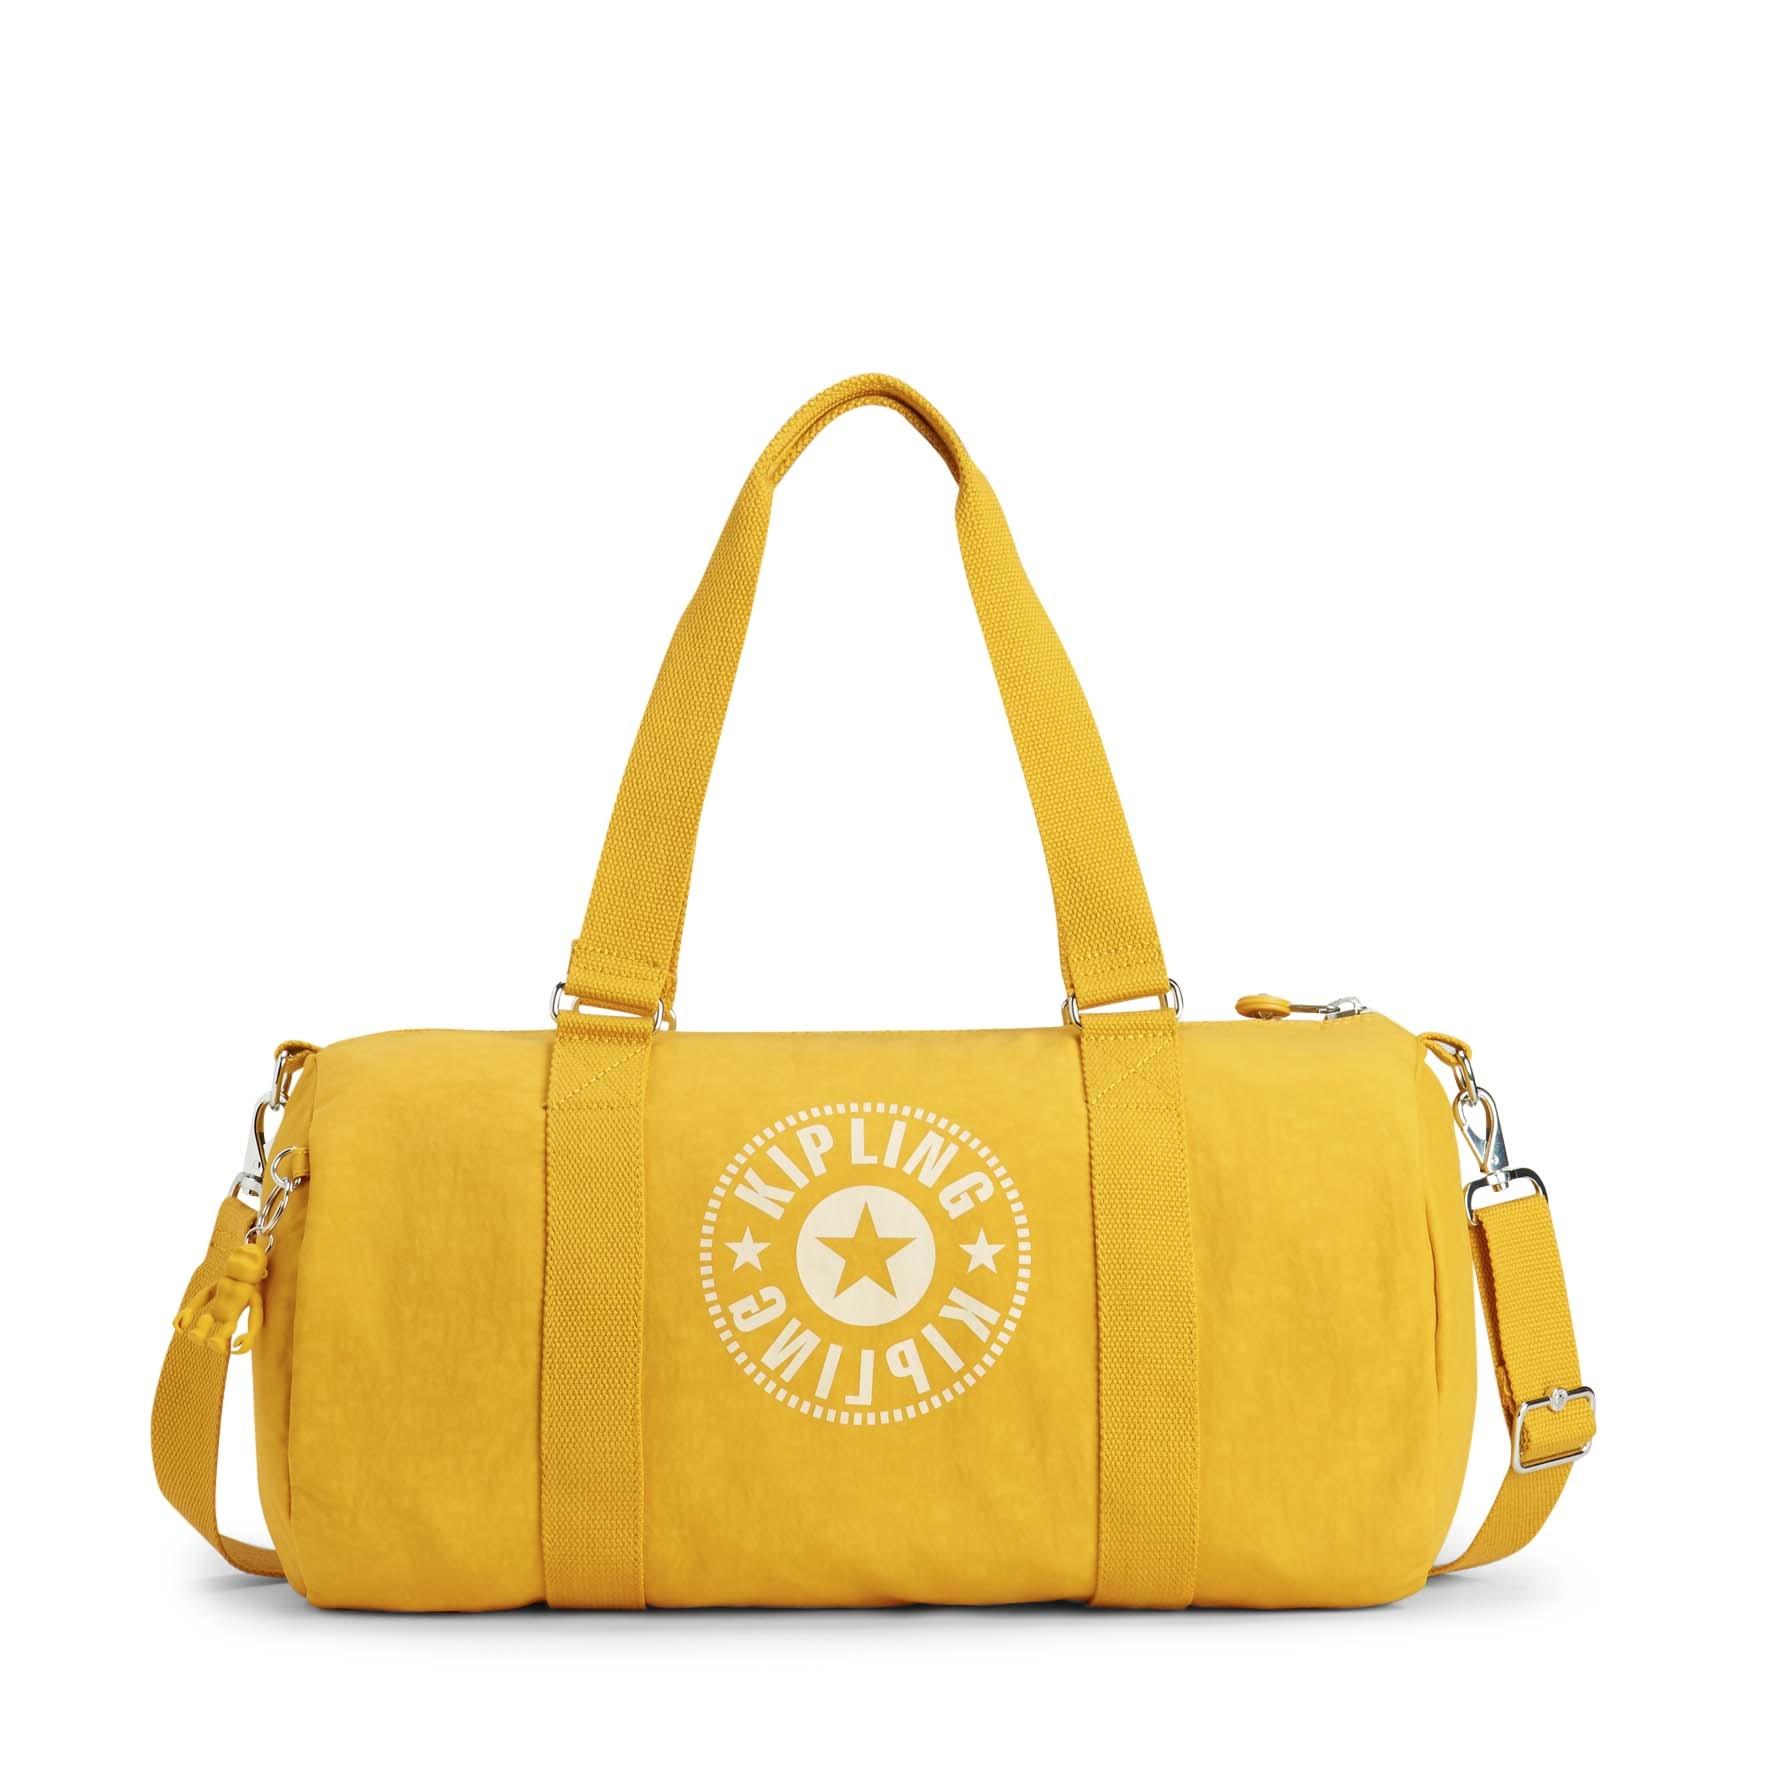 תיק ספורט Onalo - Lively Yellow צהוב תוסס